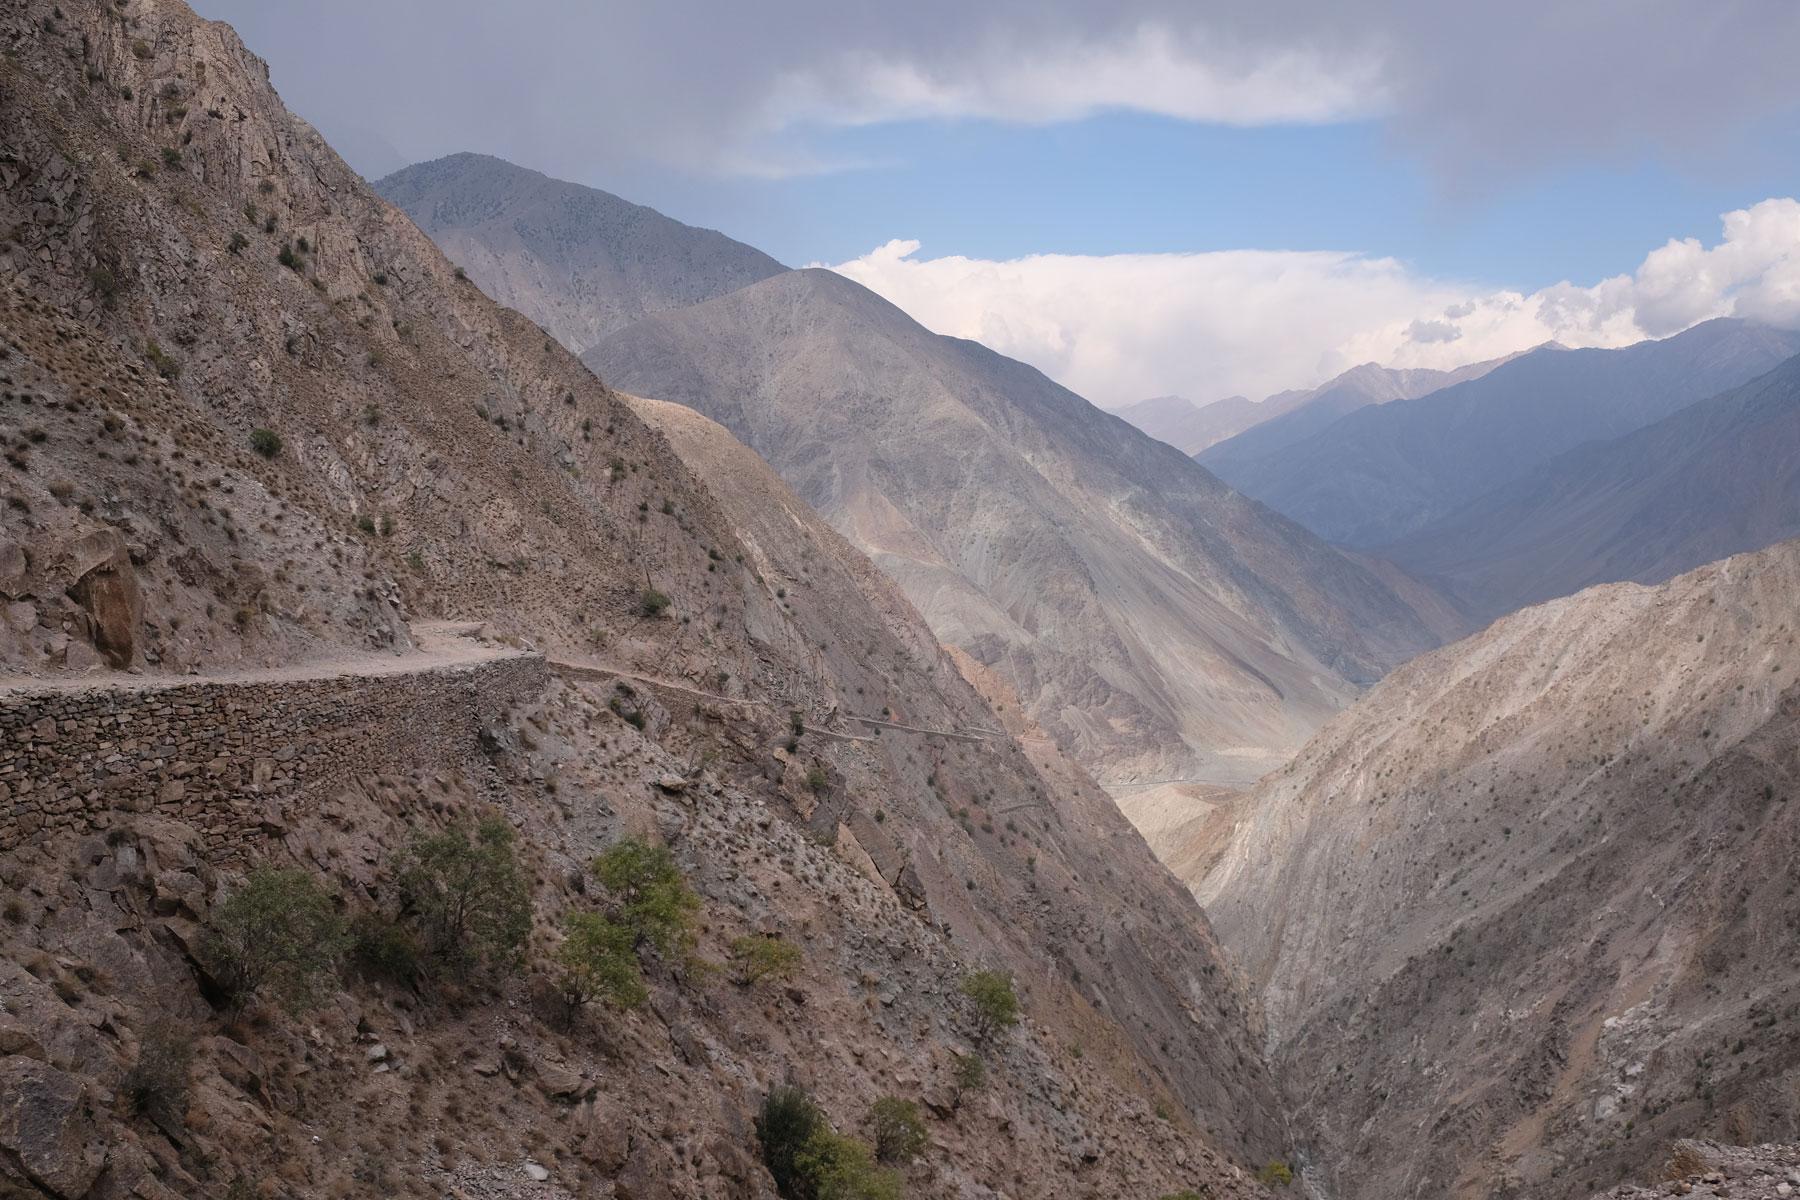 Immer höher schrauben wir uns hinein in die Berge